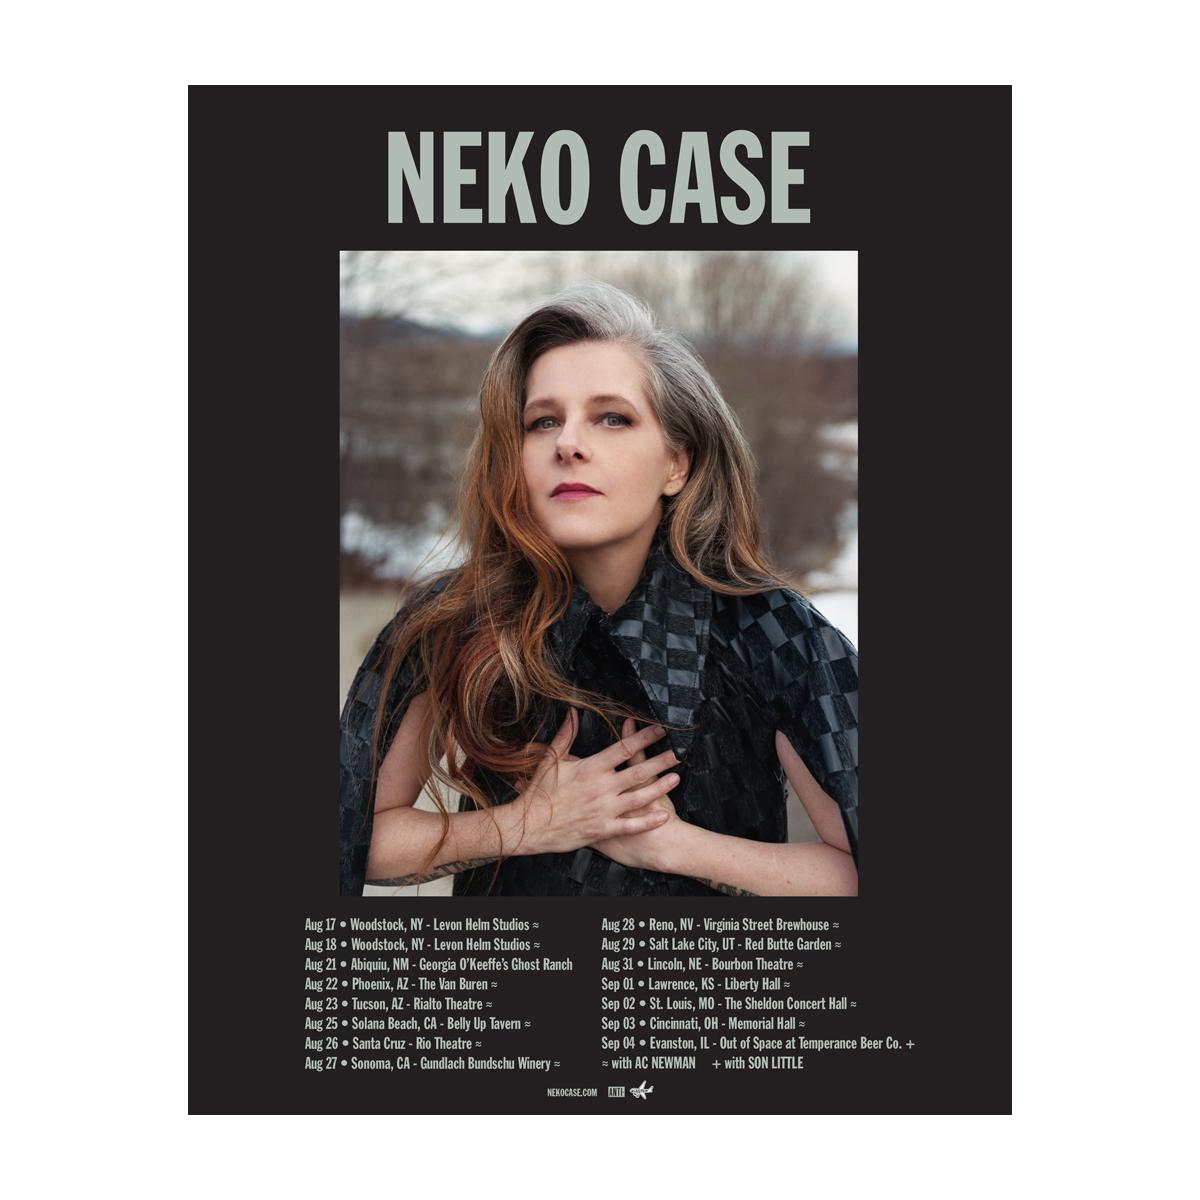 Neko Case 2021 Tour Poster